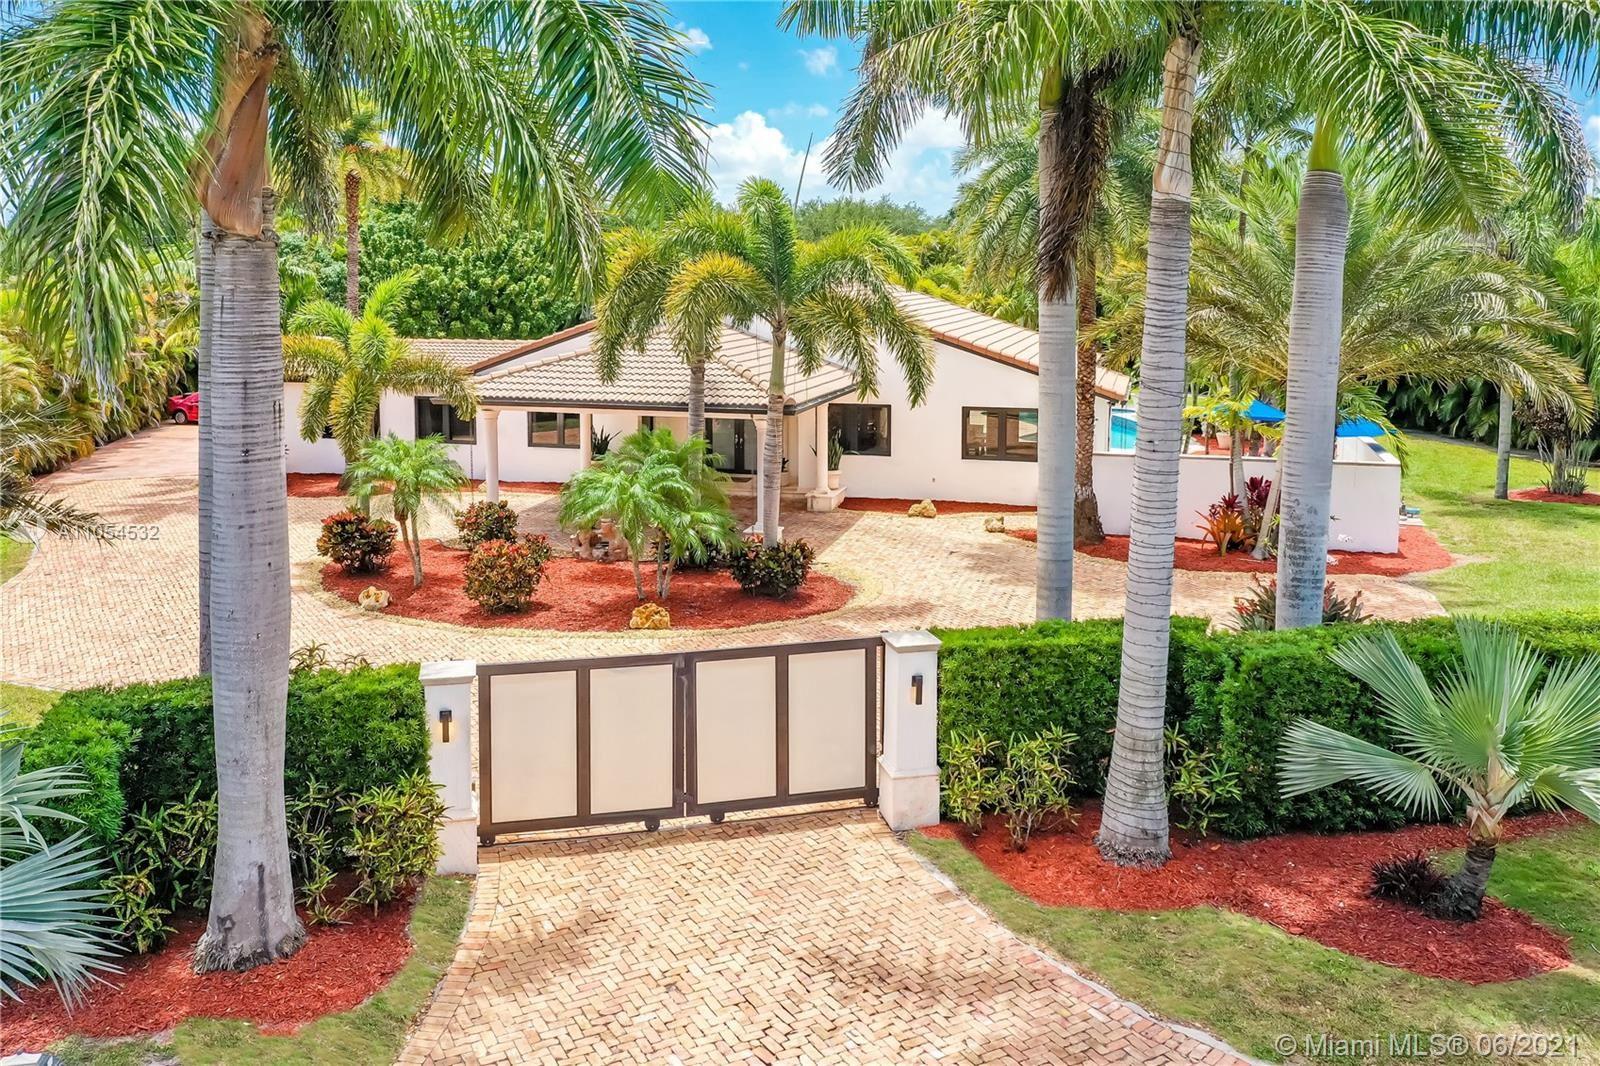 9425 SW 95th Ct, Miami, FL 33176 - #: A11054532